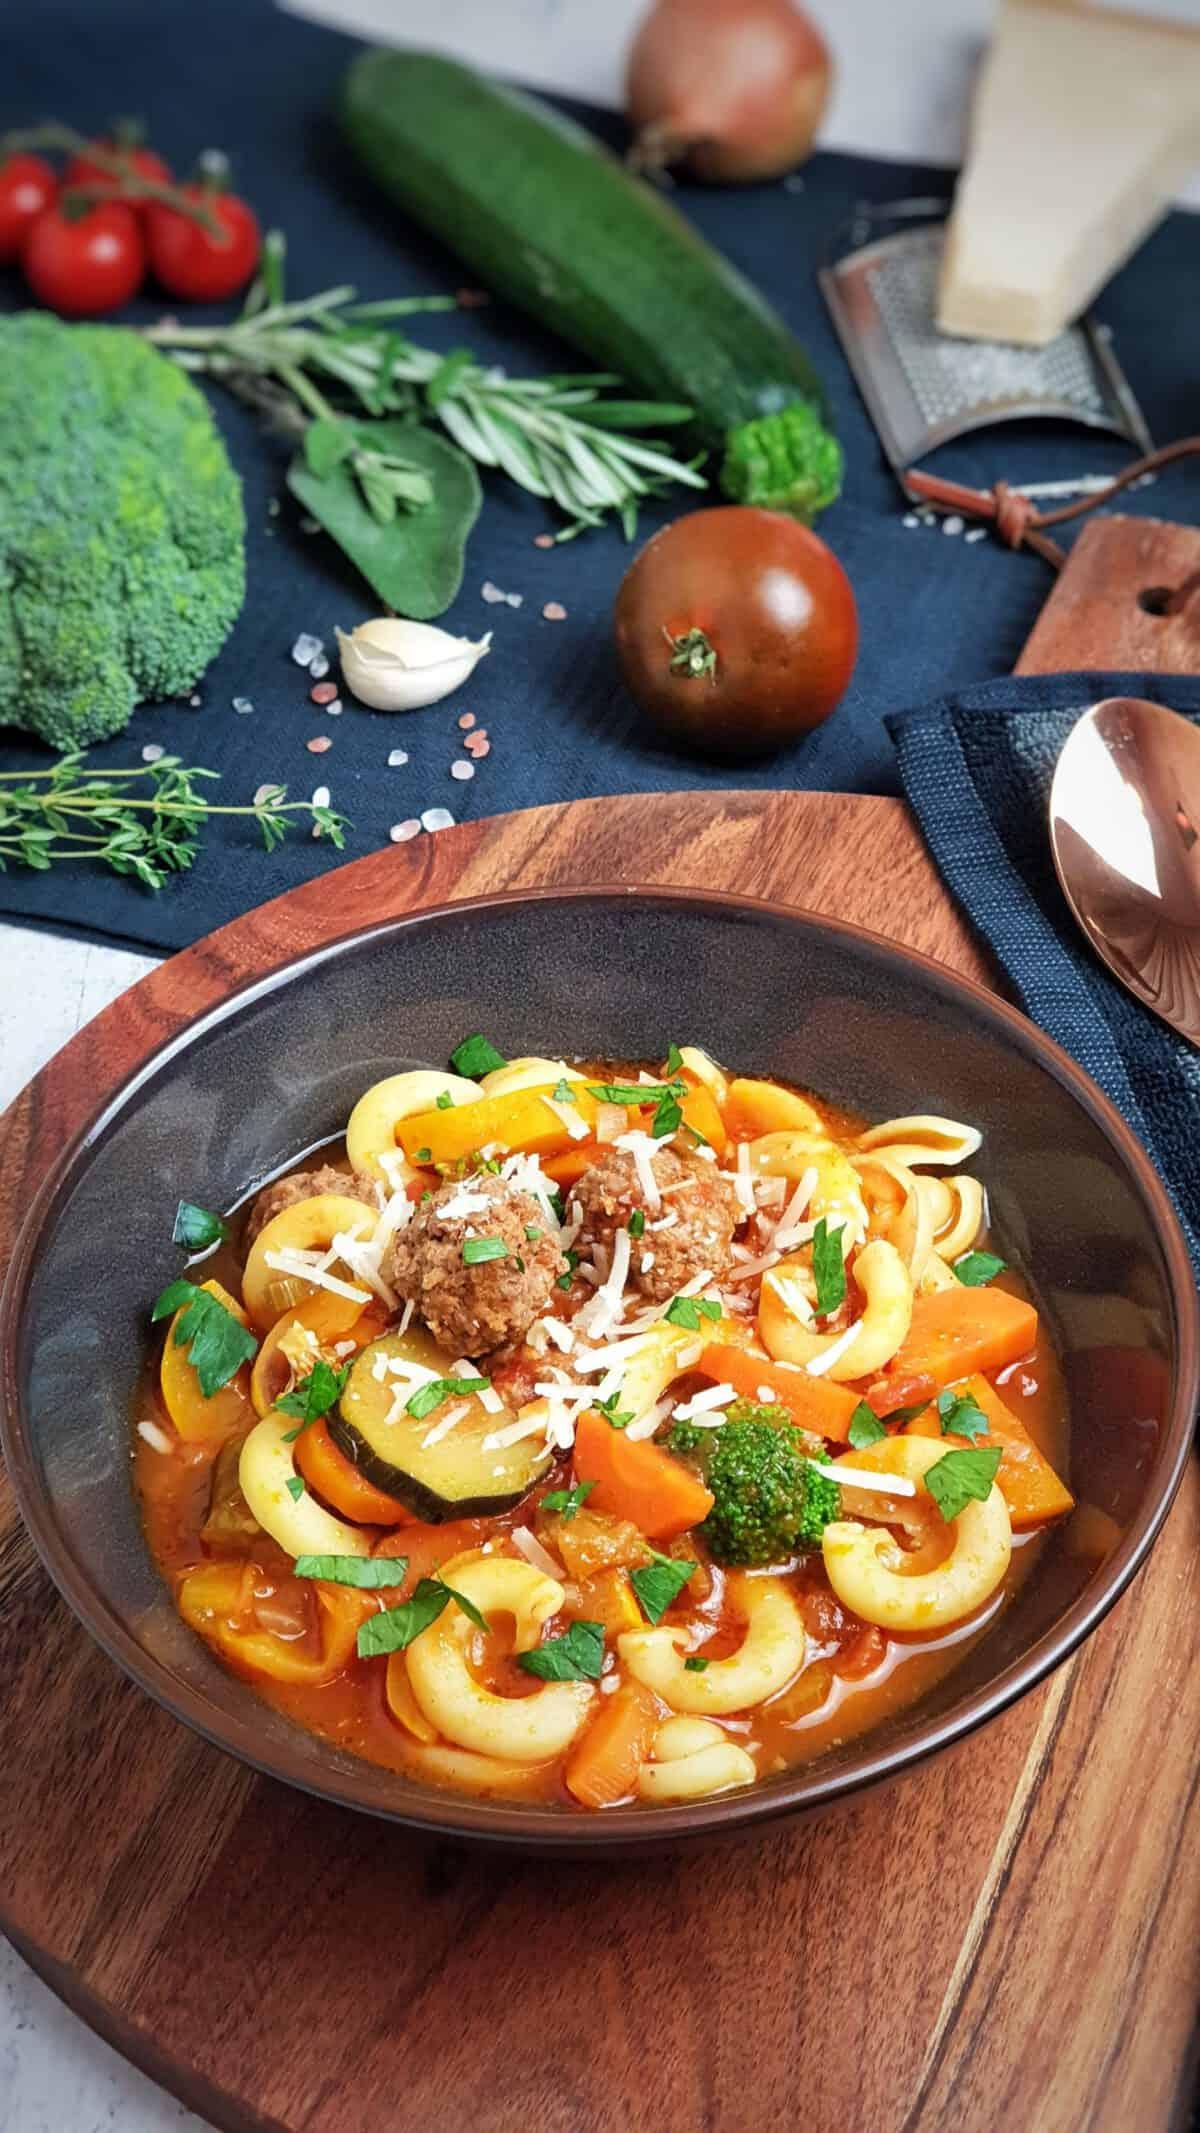 Minestrone, italienische Gemüsesuppe angerichtet in einer braunen Schale mit Parmesan bestreut. Im Hintergrund Deko.